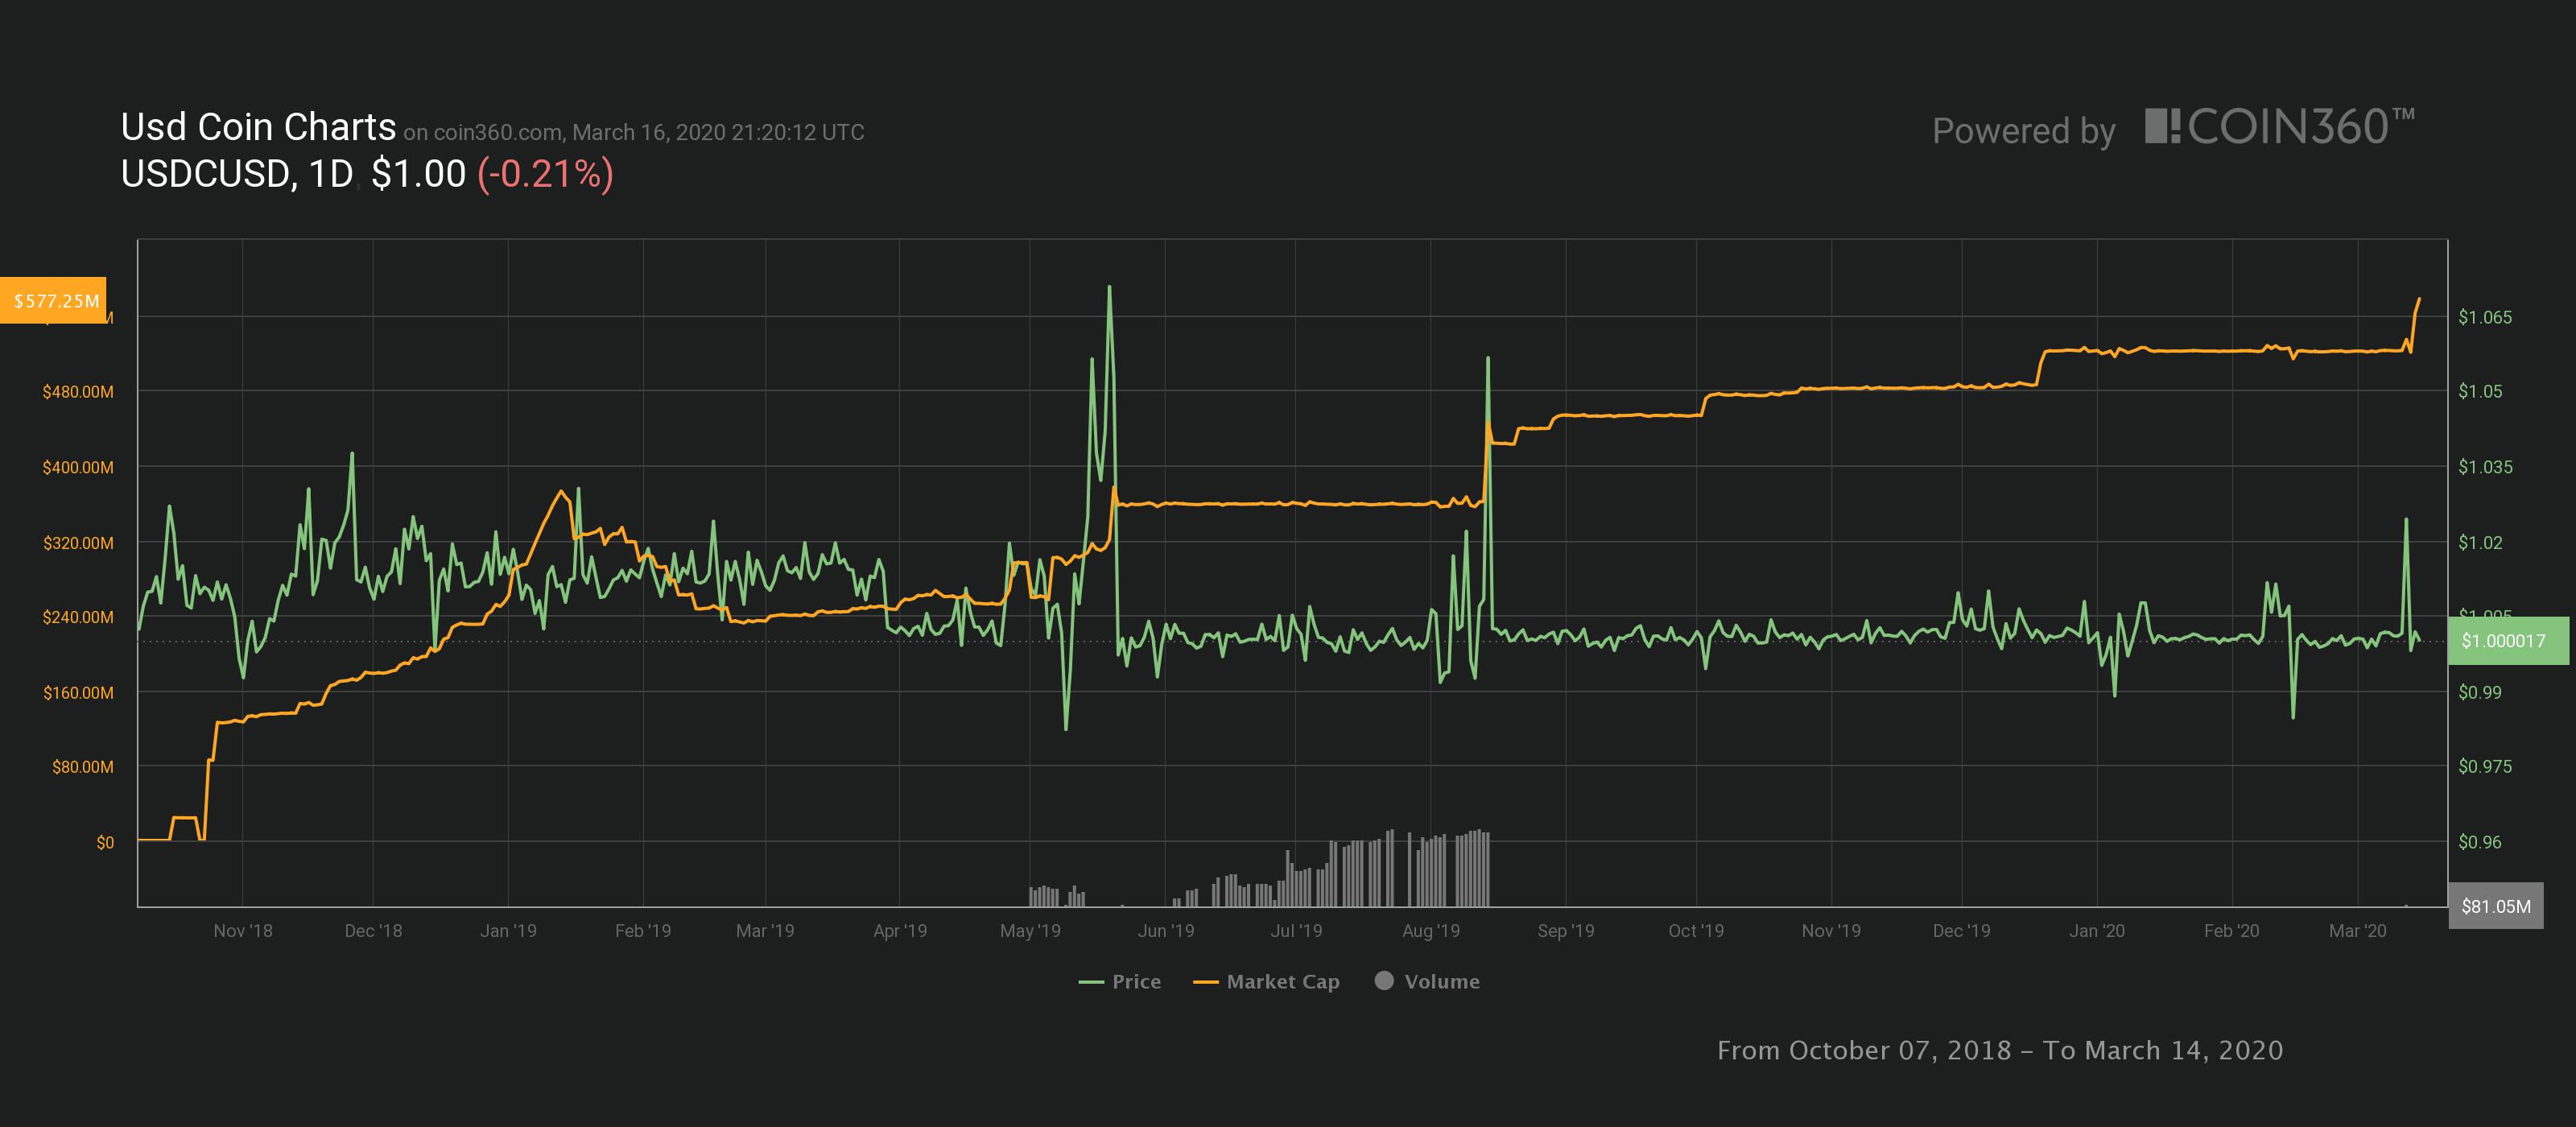 o valor de mercado do USDC aumentou mais de 5,5% logo após a queda vertiginosa do preço do Bitcoin.